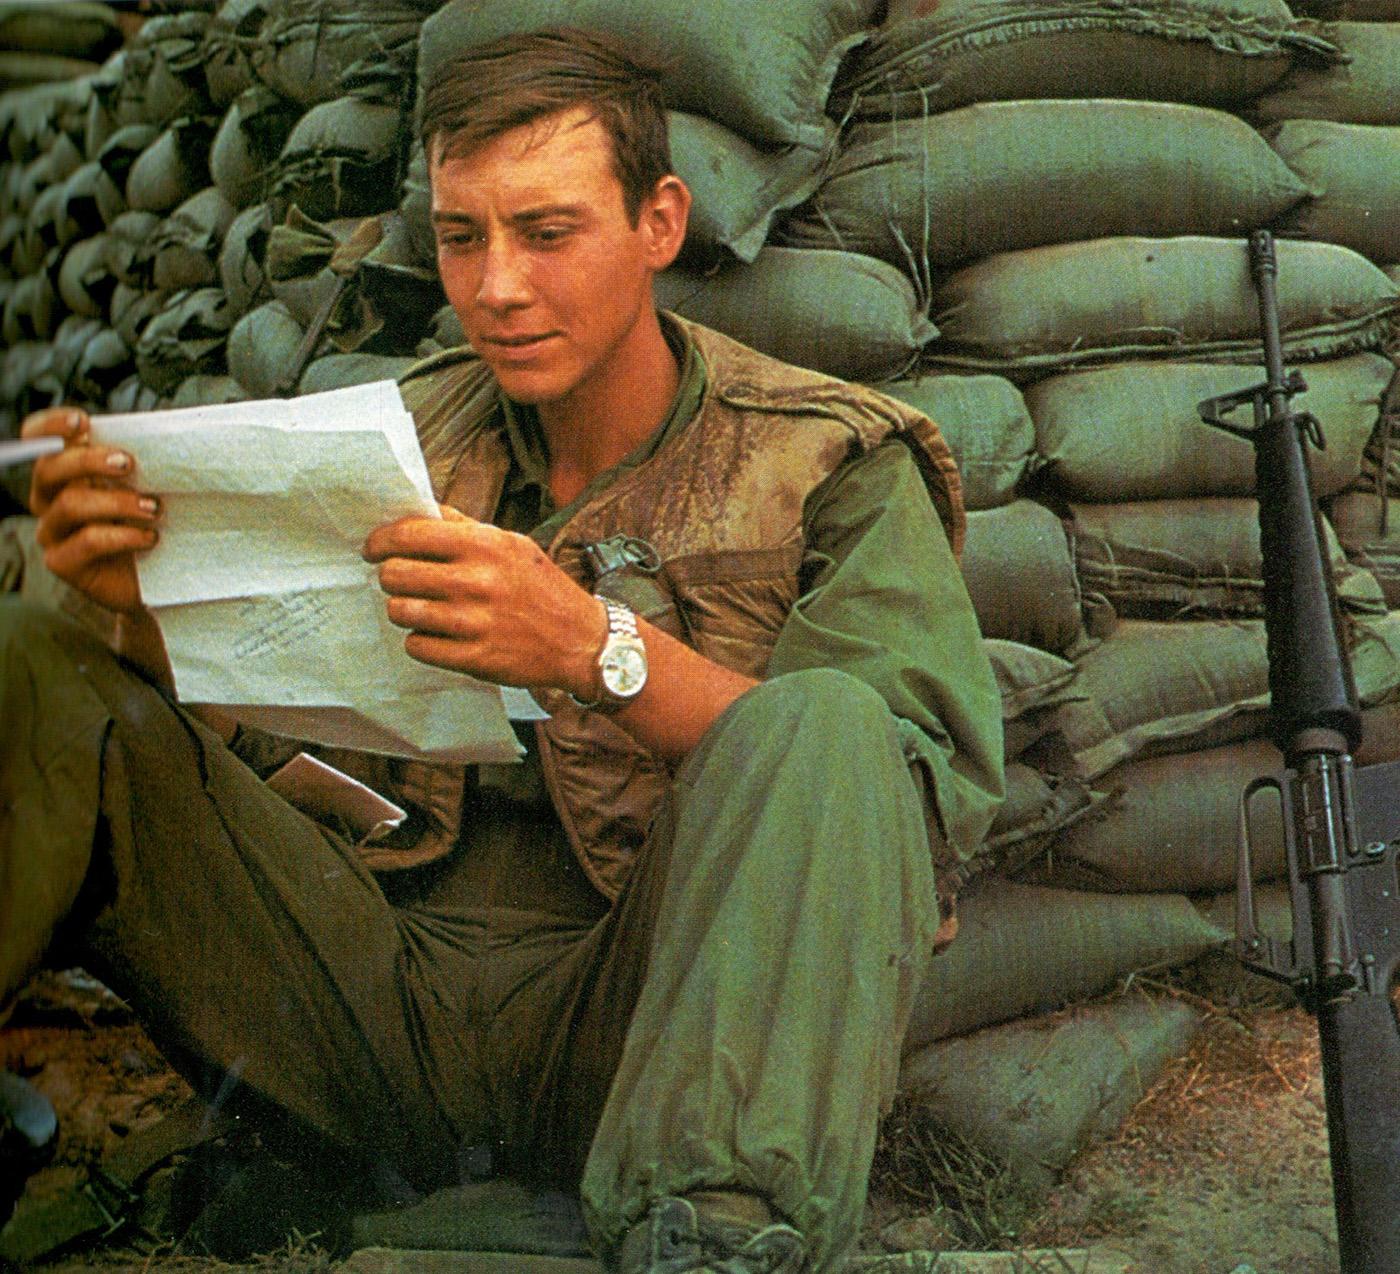 trooper_reading_letter_1.jpg